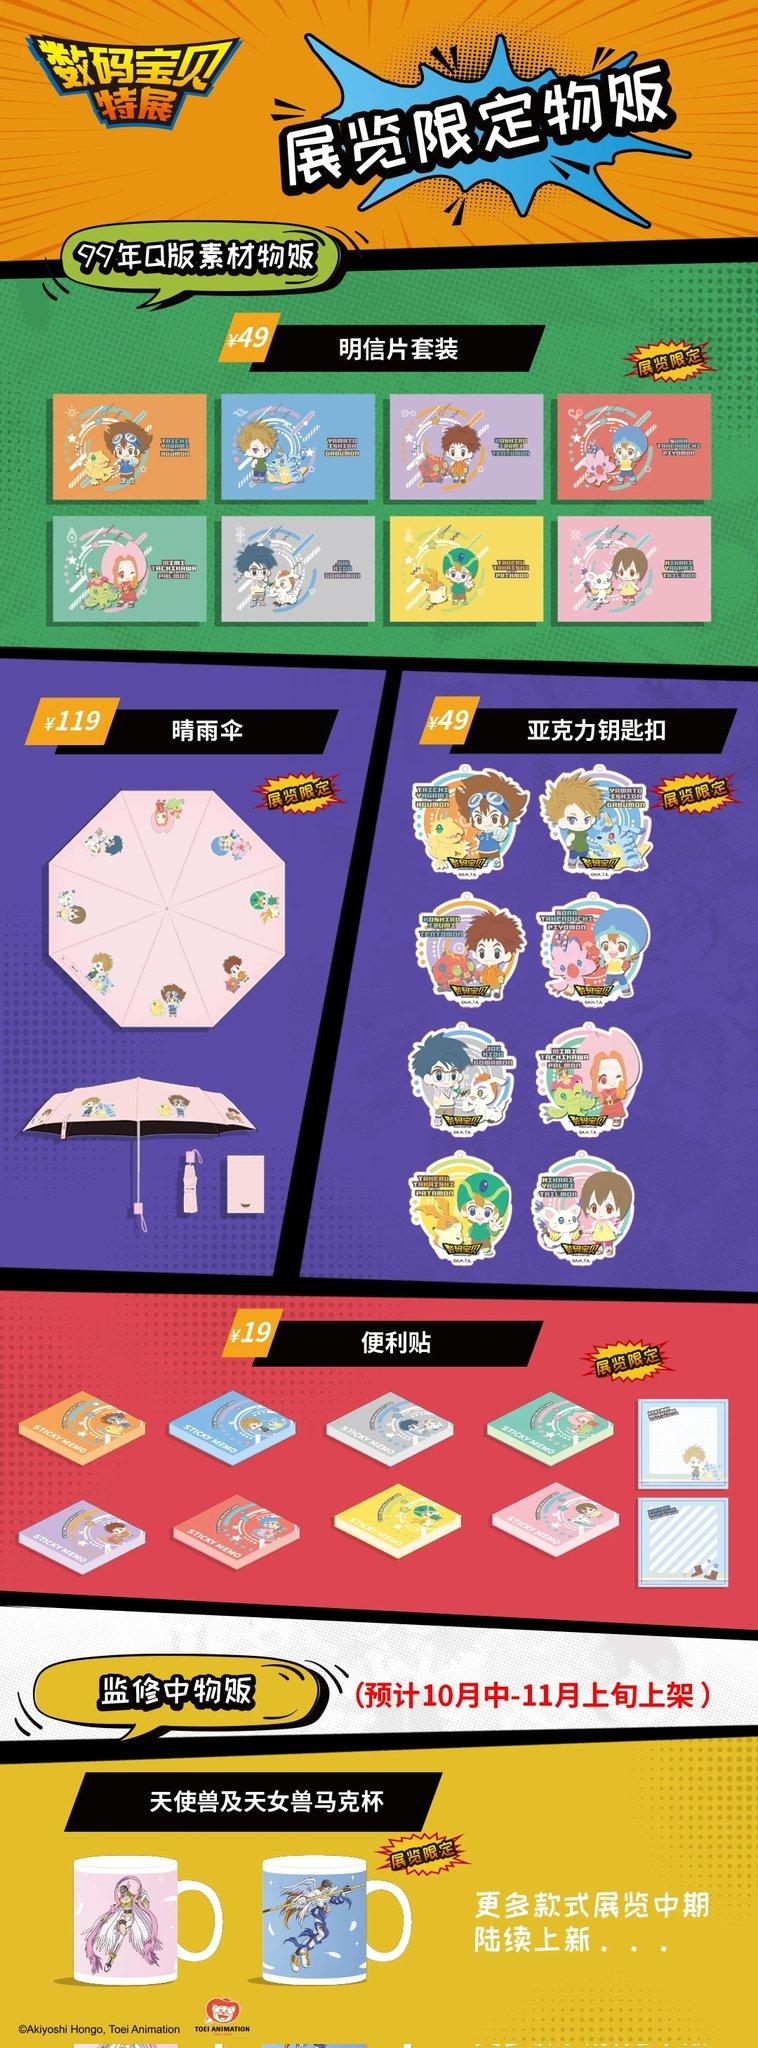 chinaexhibition3_september12_2021.jpg